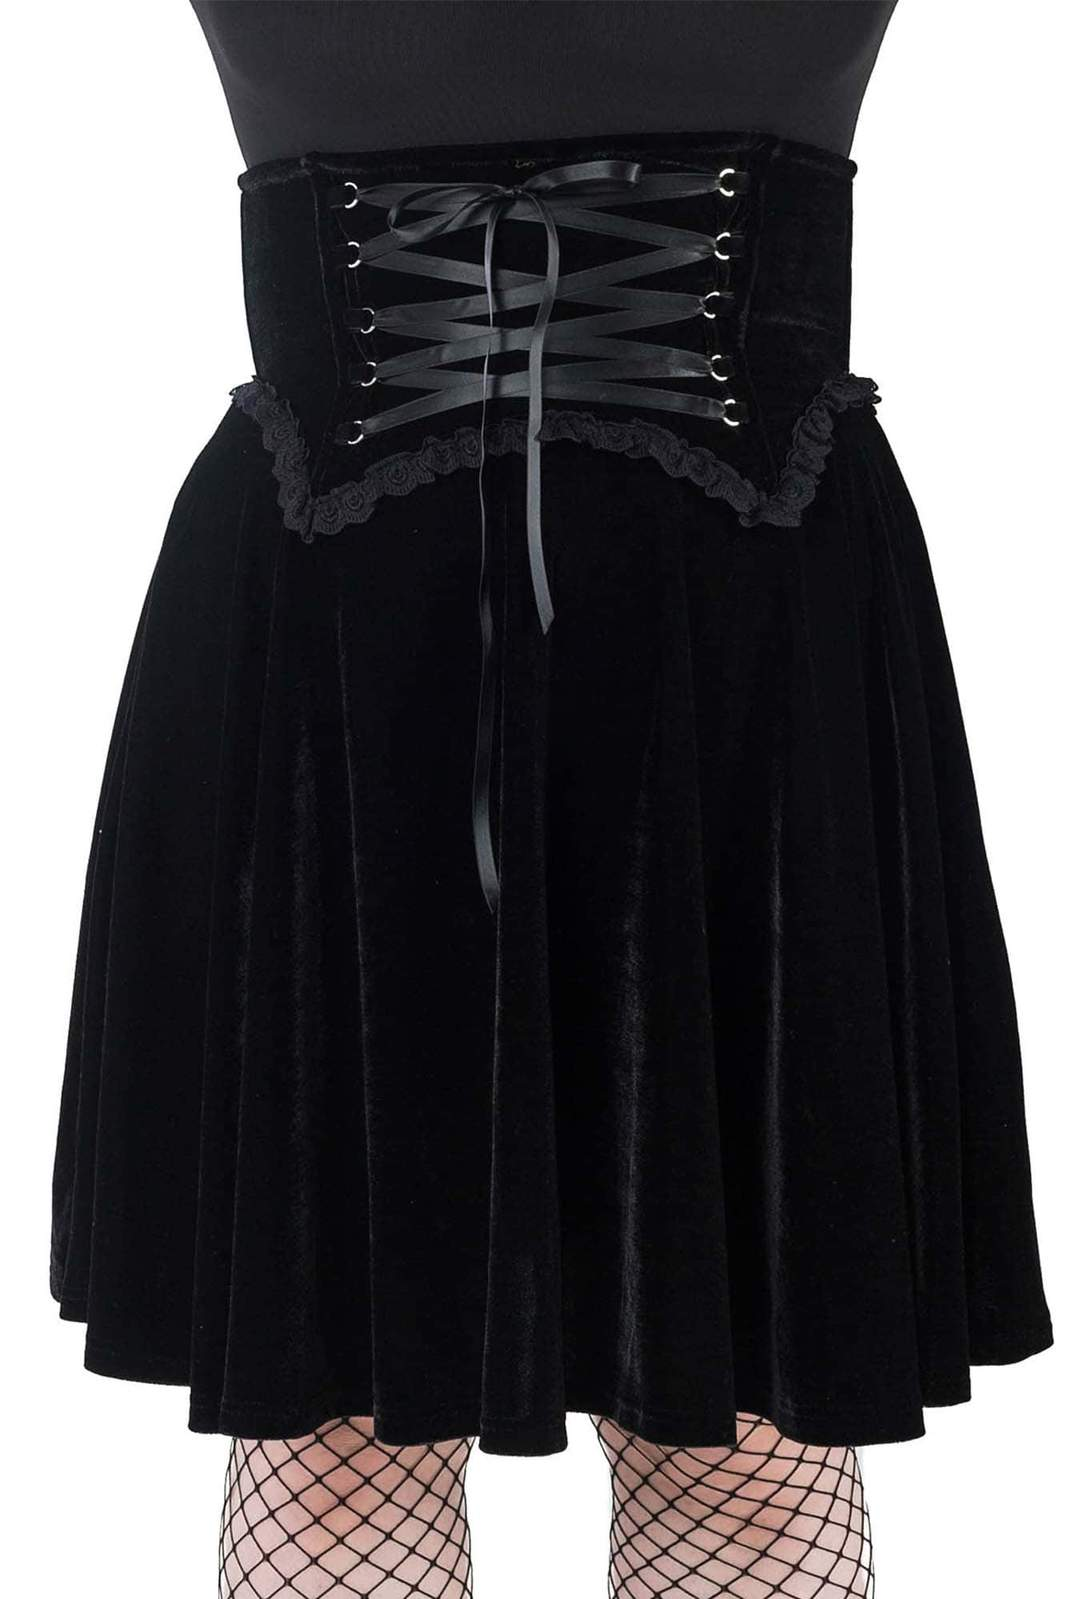 Dark Lover High-Waisted Skirt Black